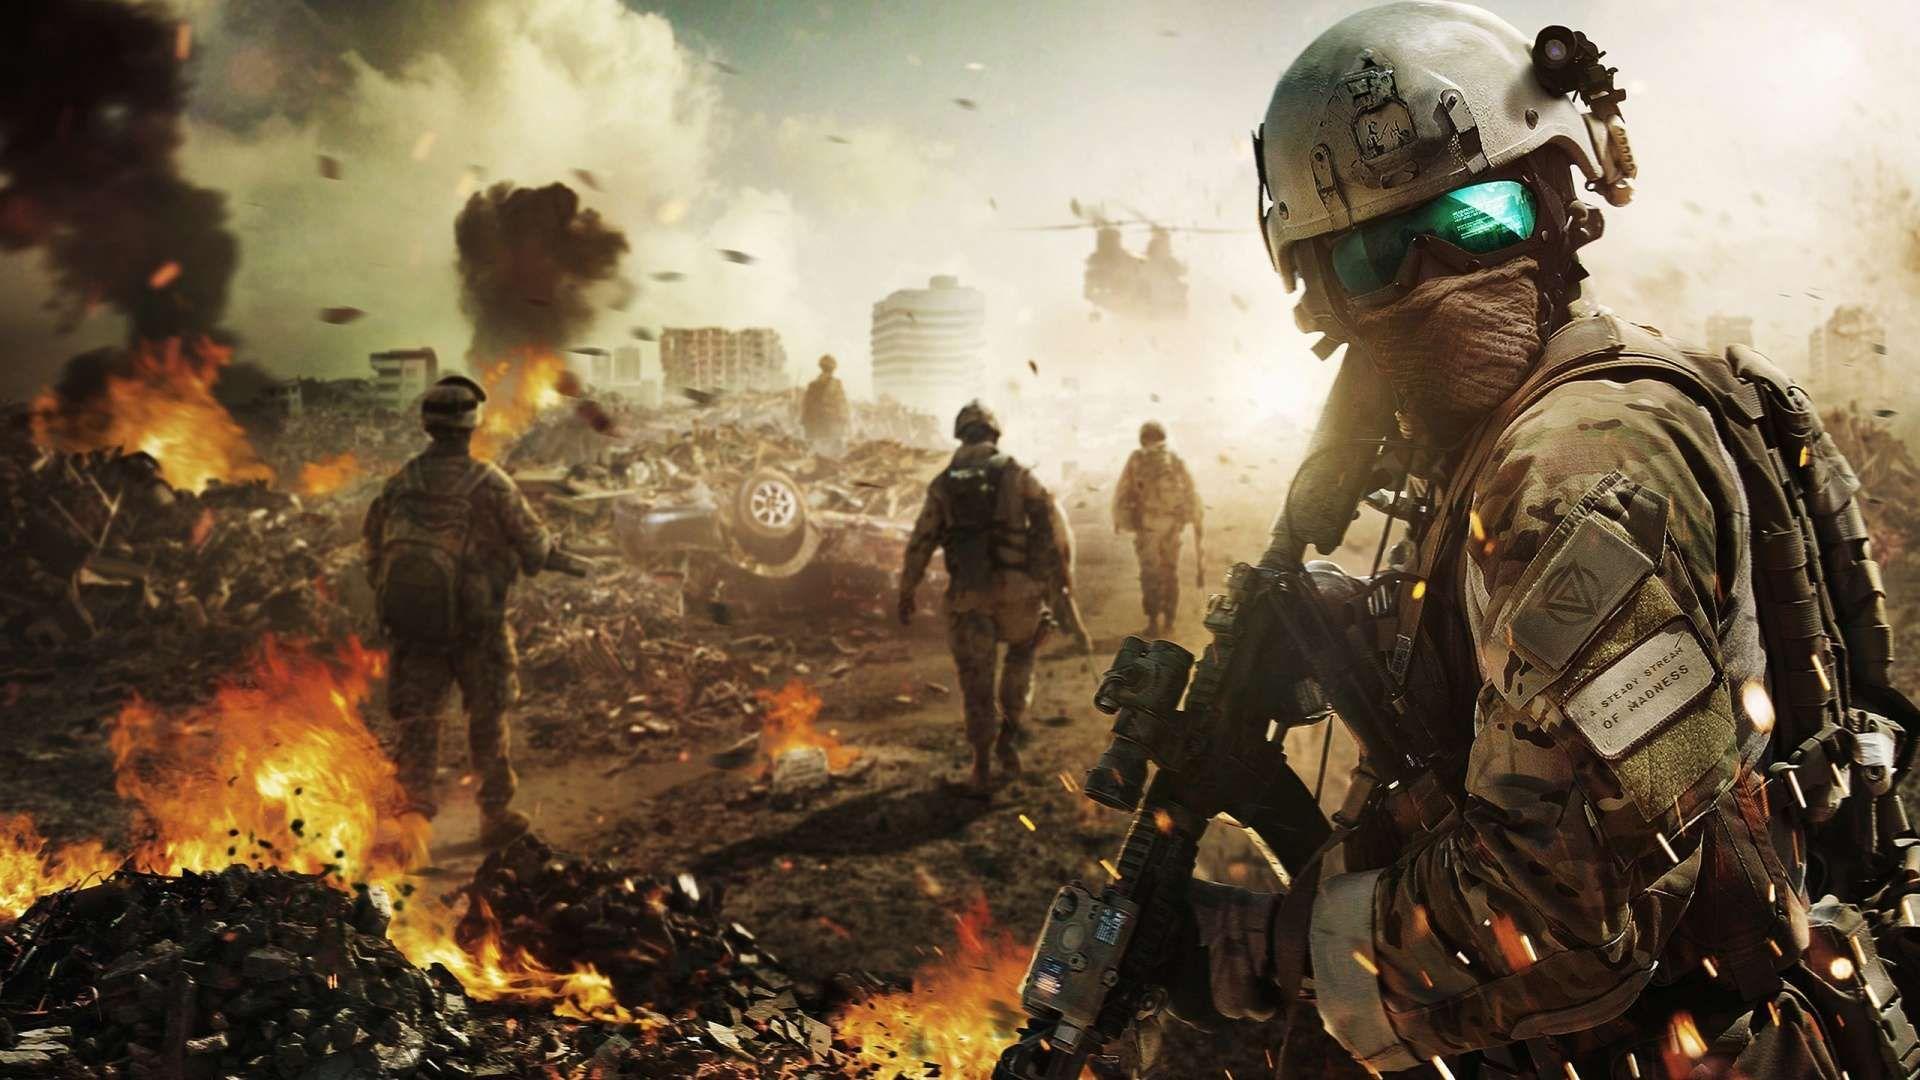 Battlefield Soldier HD Wallpaper 1080p sdsdasdasd Gaming 1920x1080